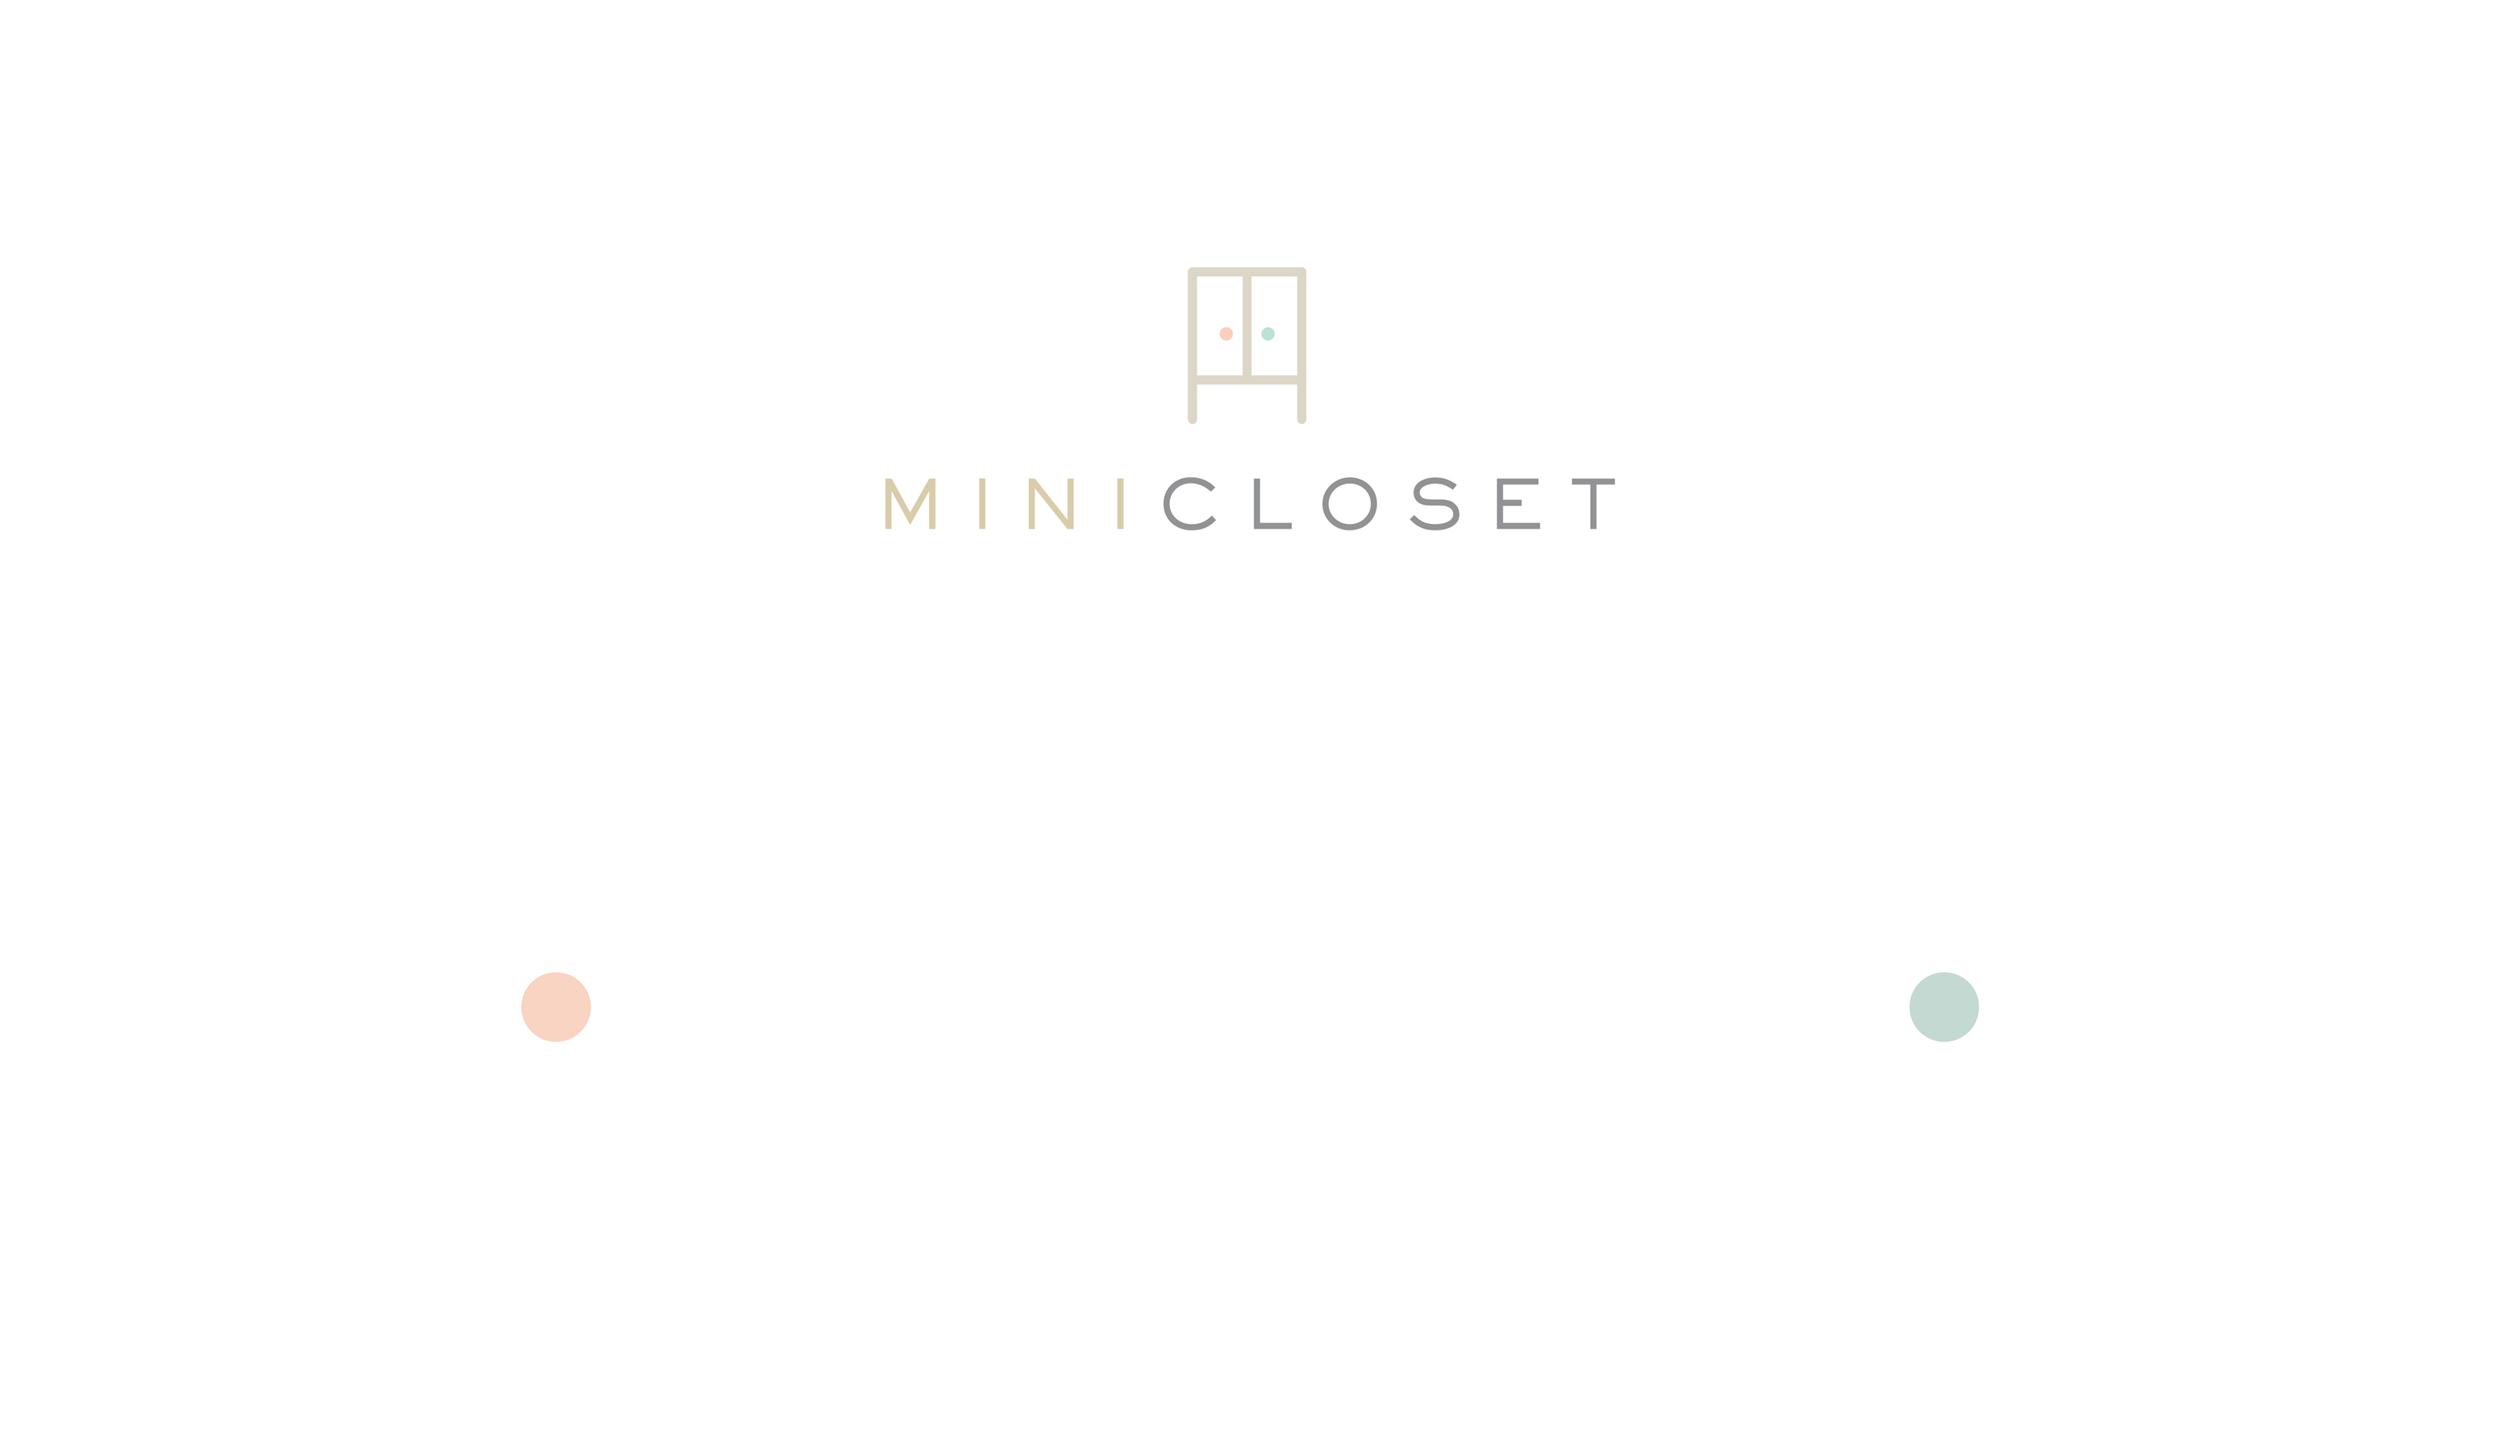 daniel-zito-mini-closet-cartao-design-grafico-abre2.jpg